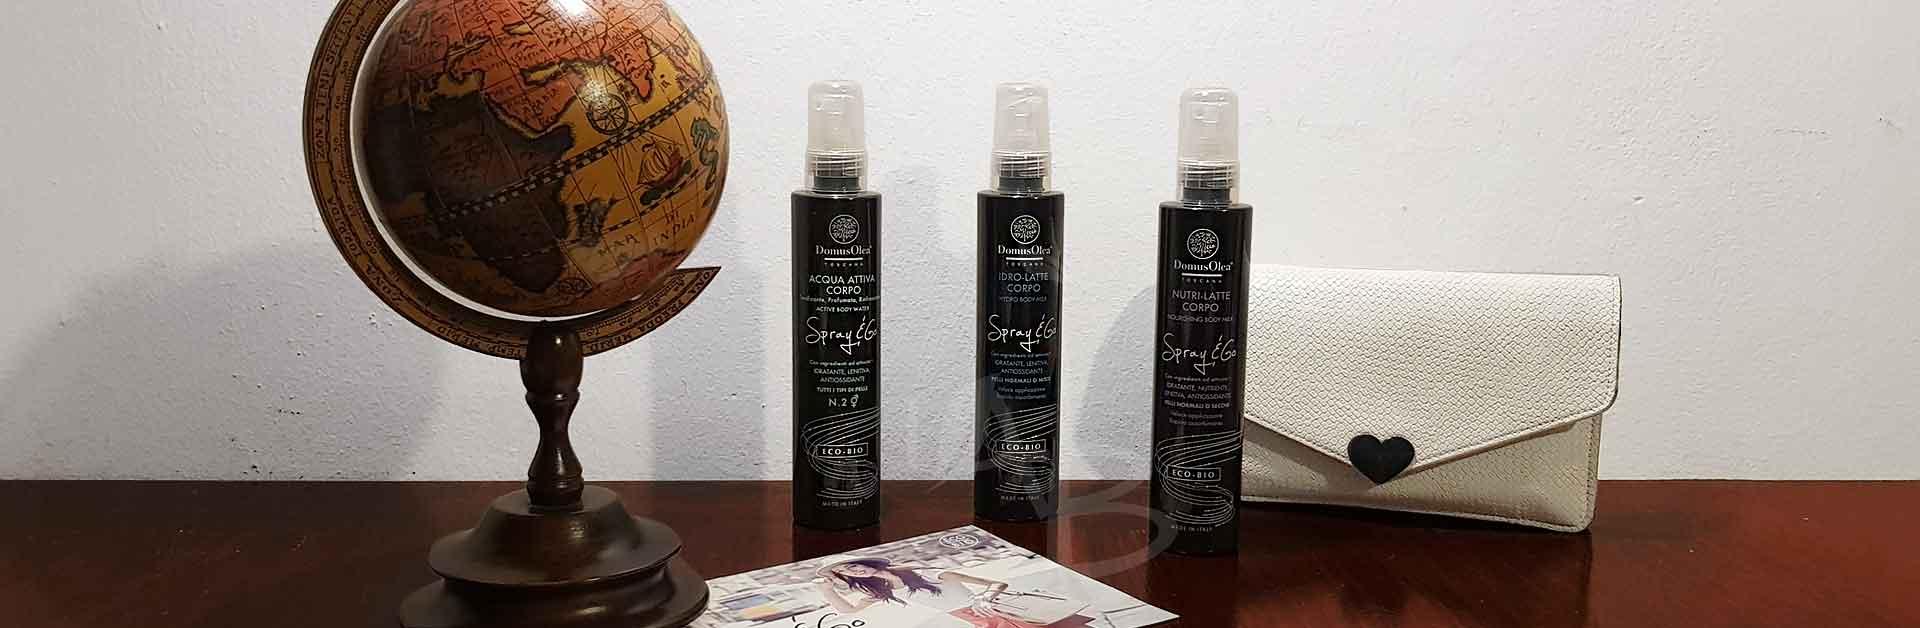 Linea spray & go di Domus Olea Toscana